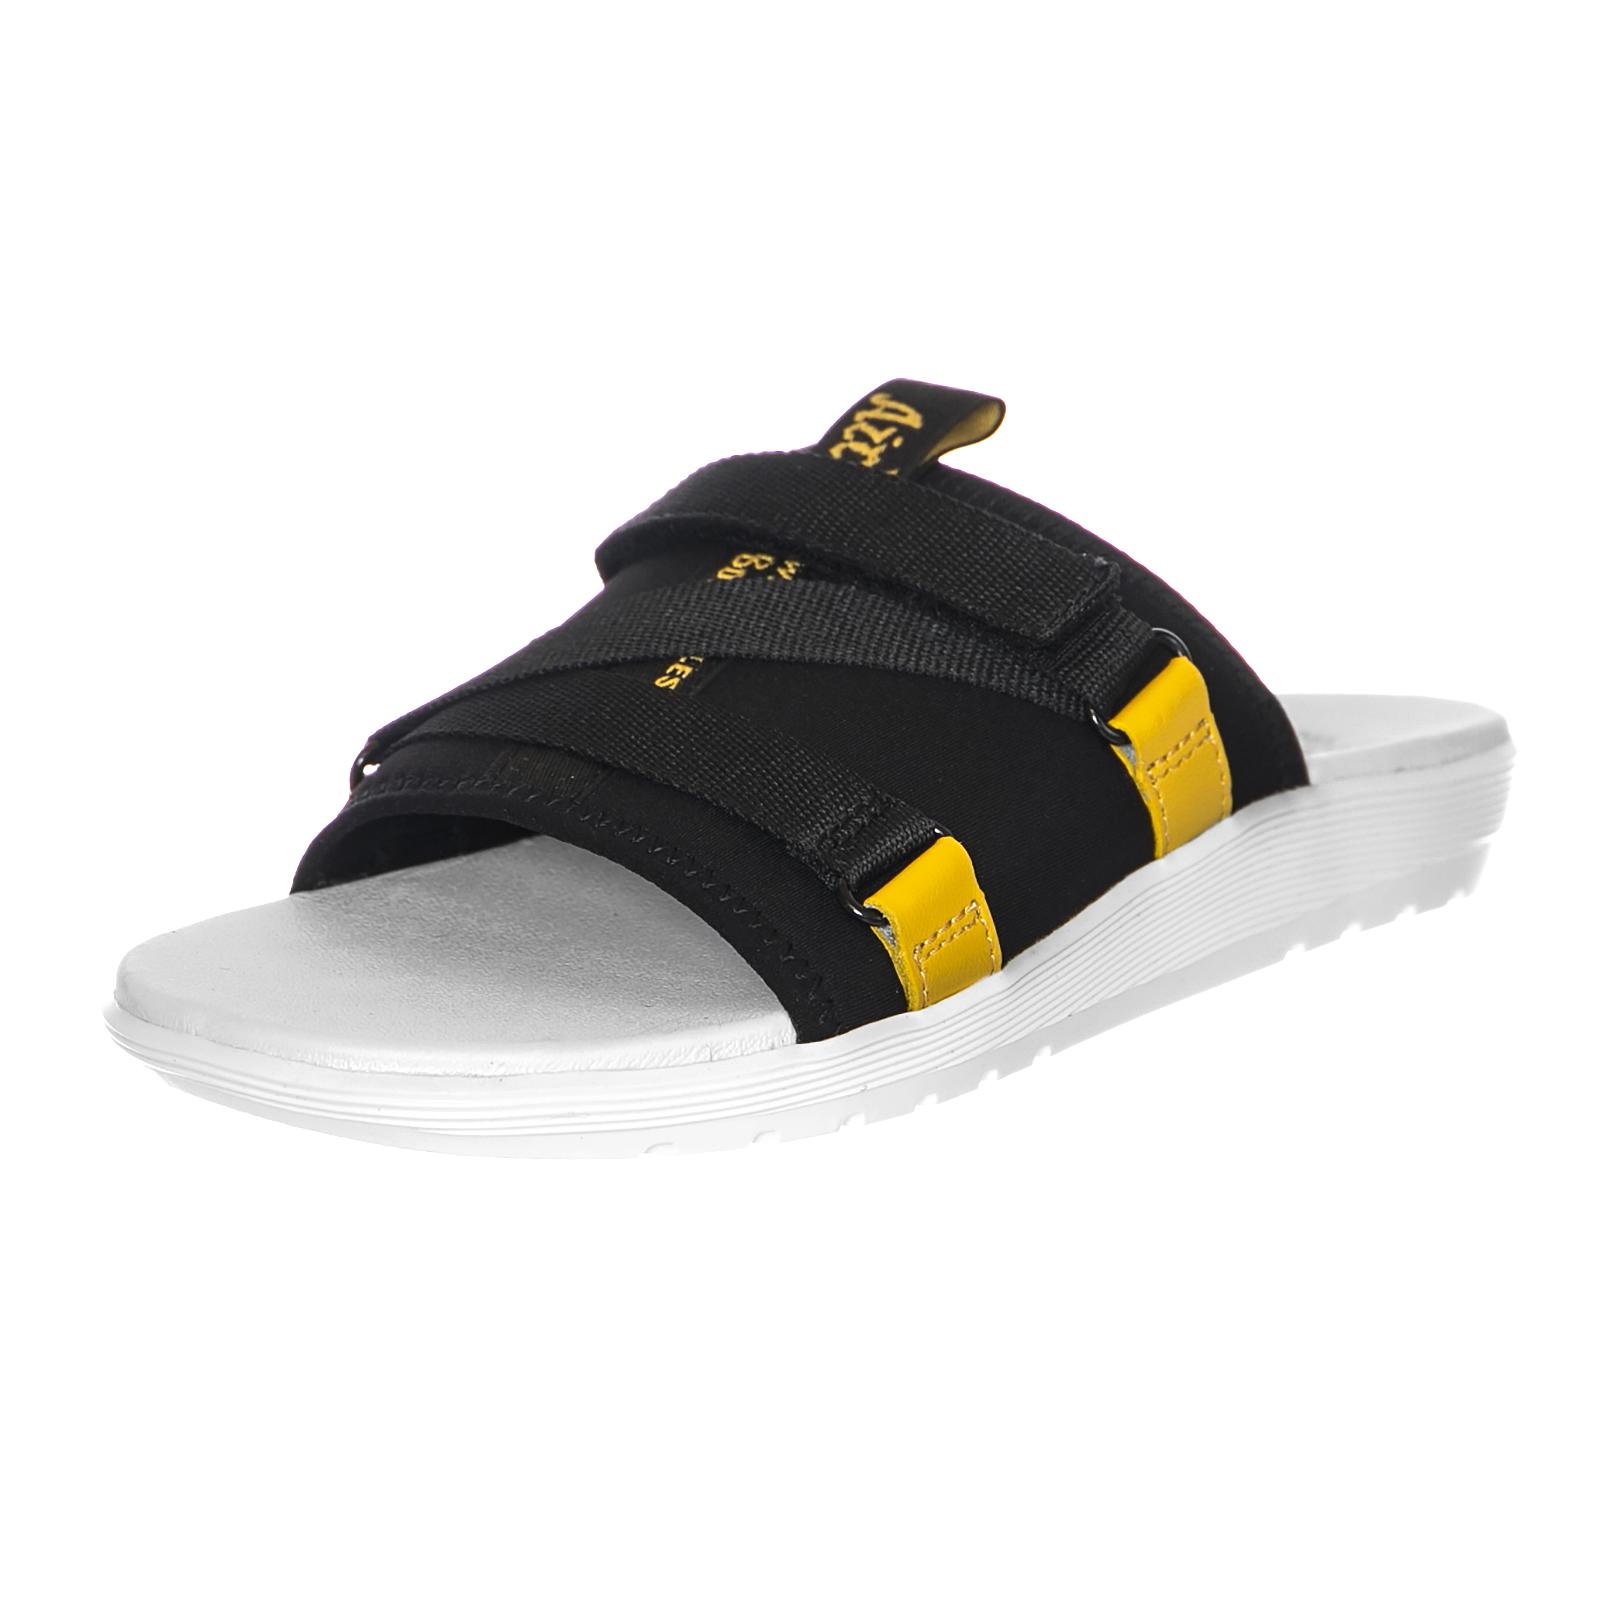 Dr.Martens Sandale Sandale-Nerida Blk/Dms Yellow Neoprene Nero